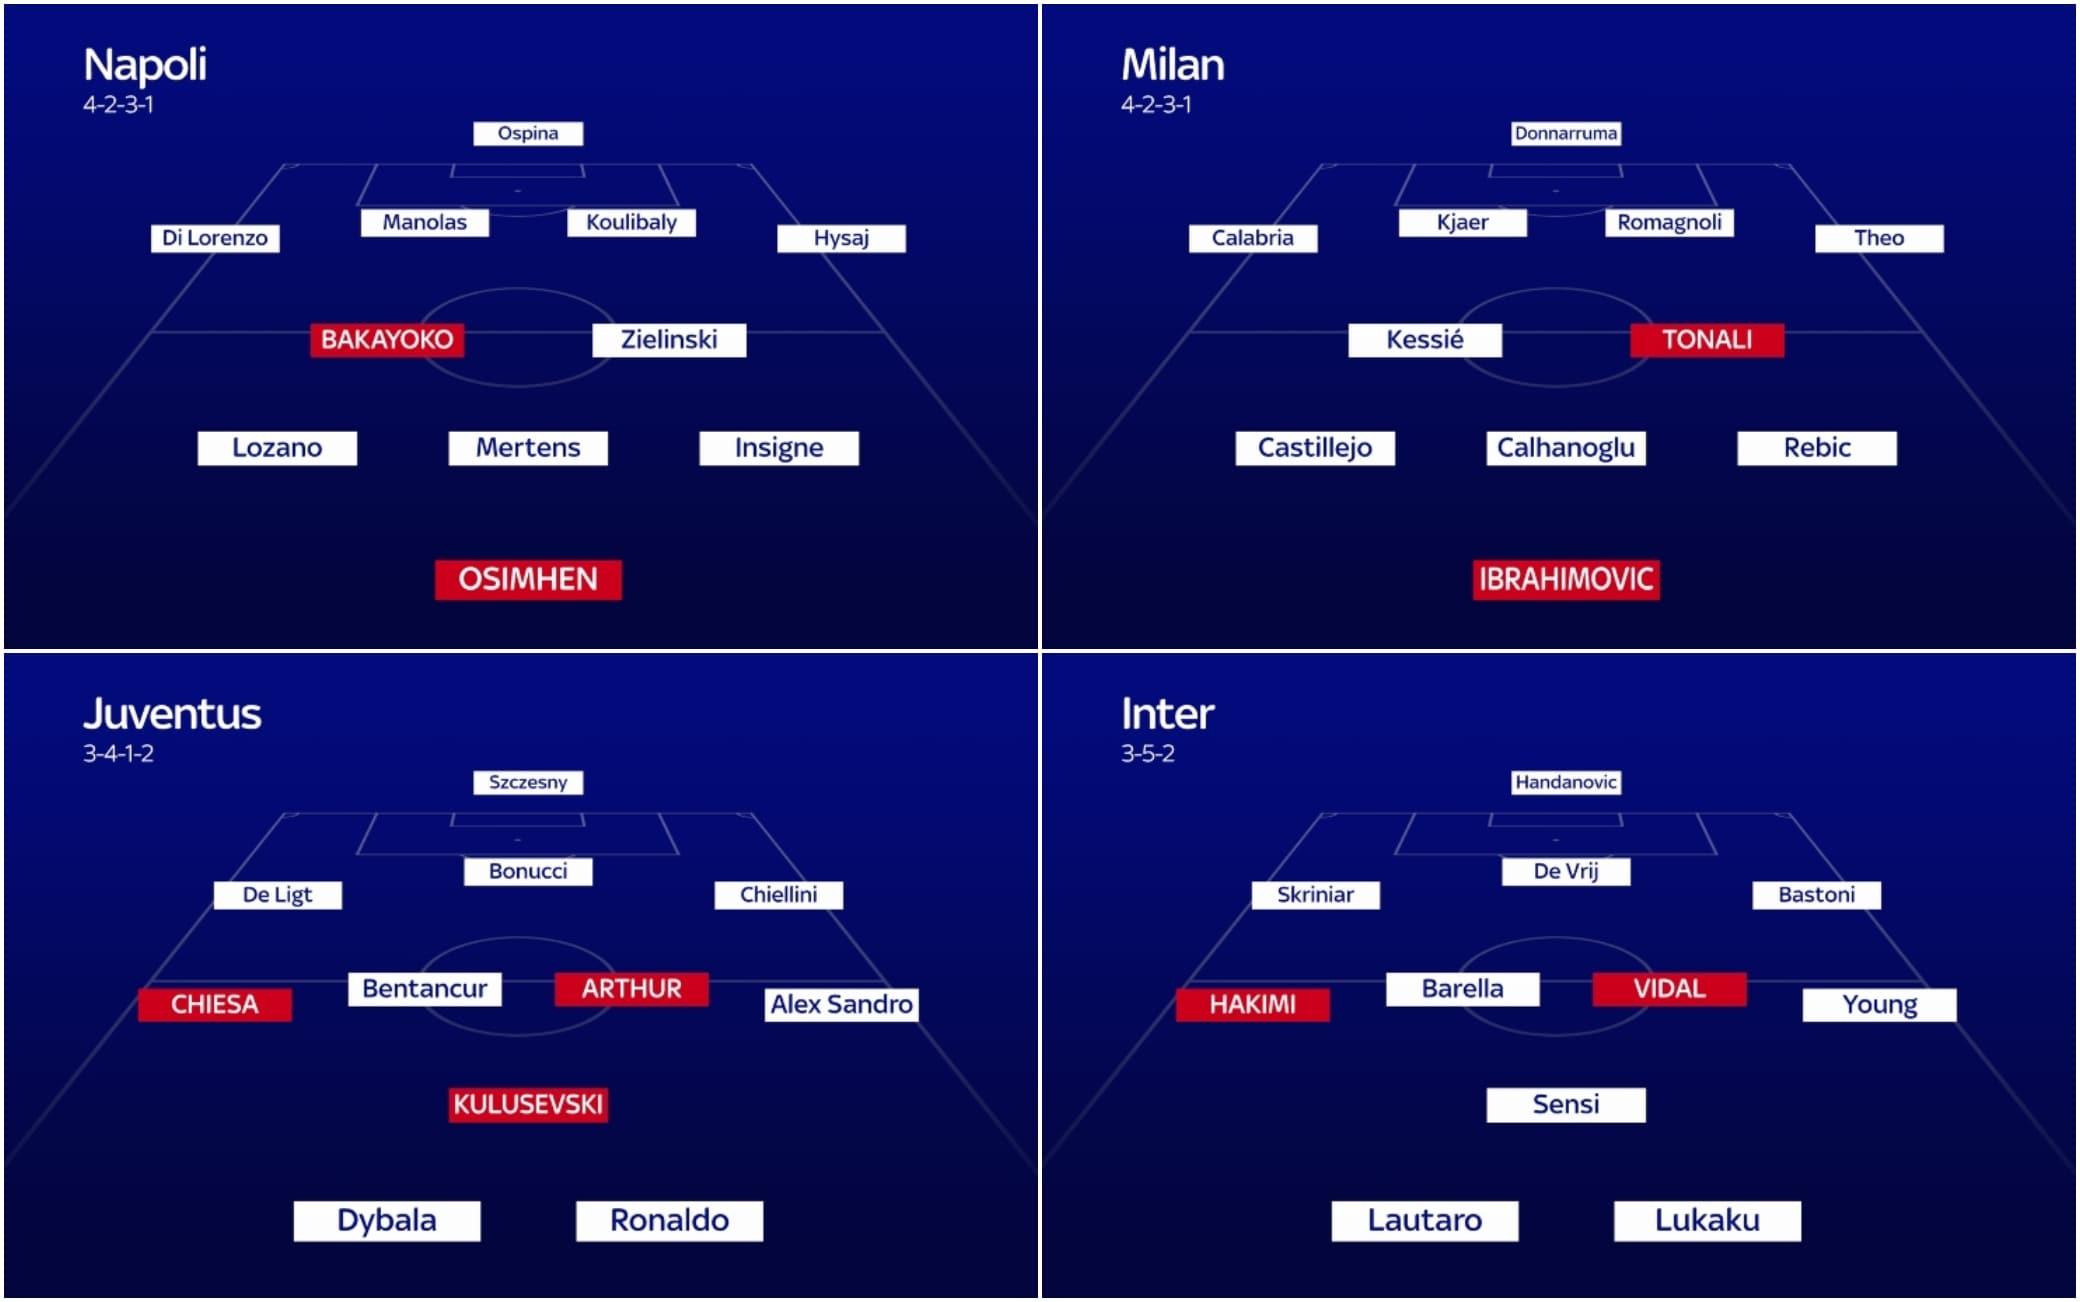 Probabili Formazioni Serie A 2020 2021 Come Cambiano Con Il Calciomercato Sky Sport